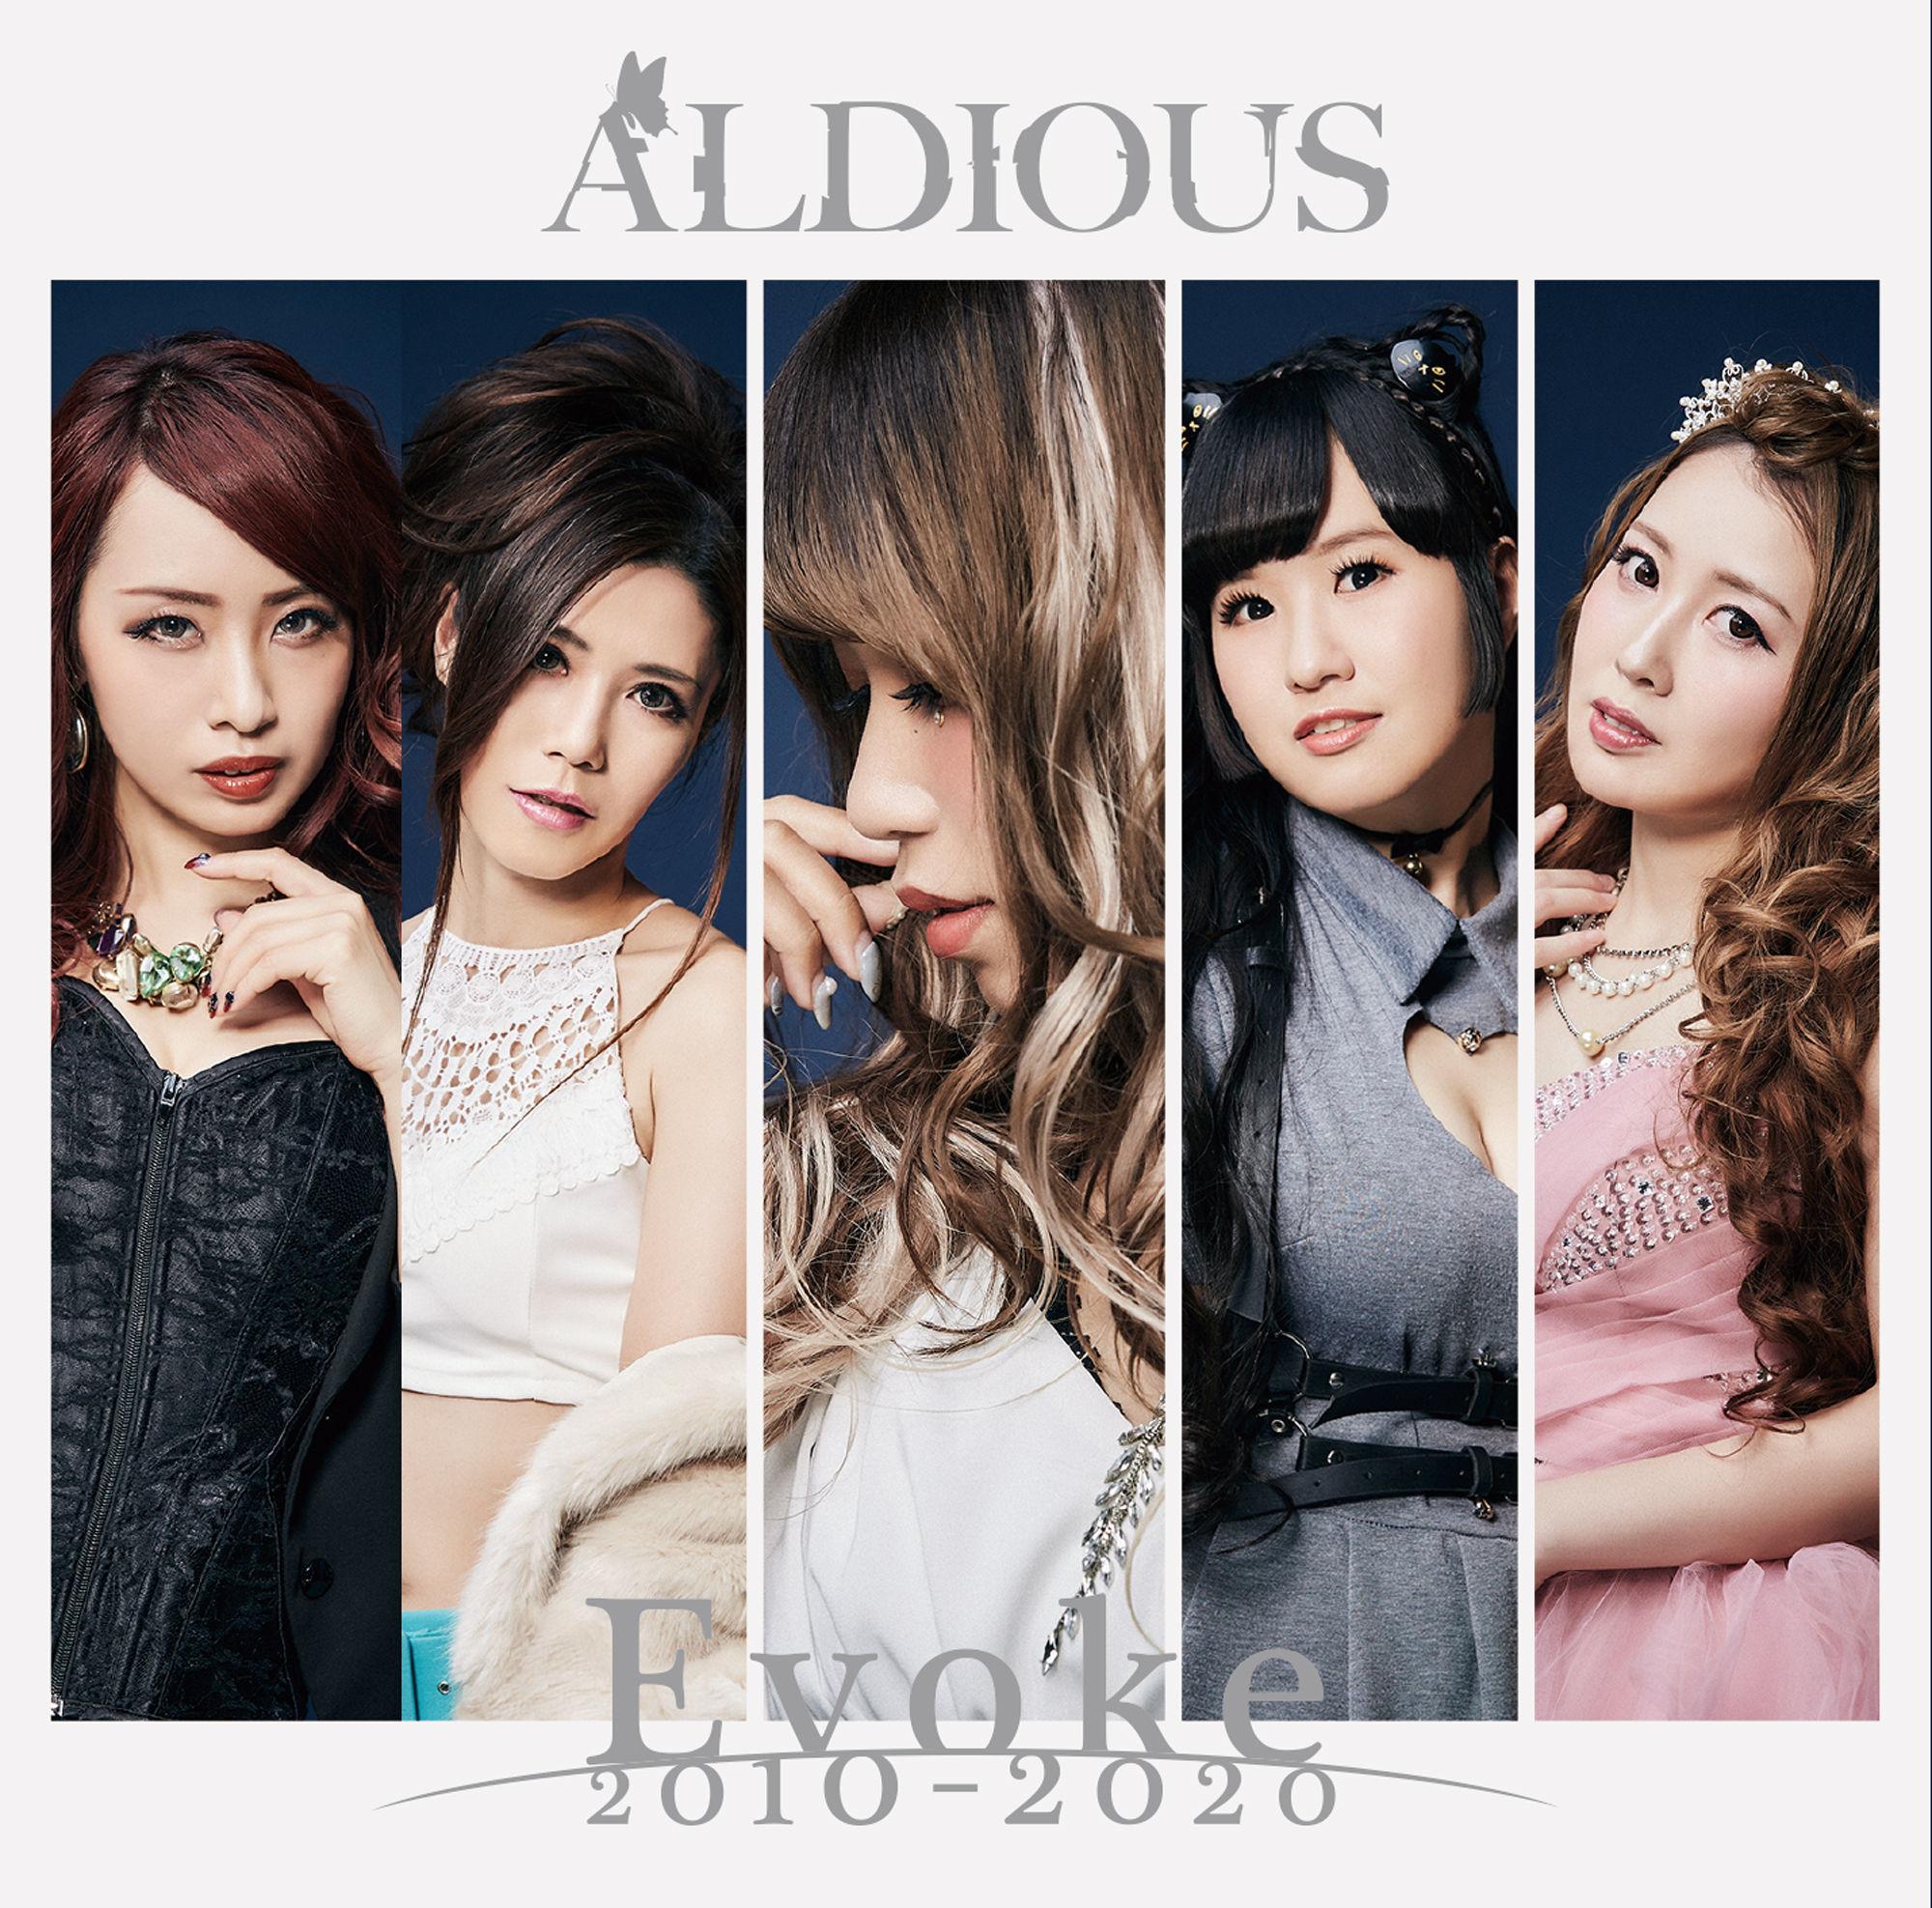 【30パーセントOFF】Aldious 7thアルバム『Evoke 2010-2020』通常盤(CD)